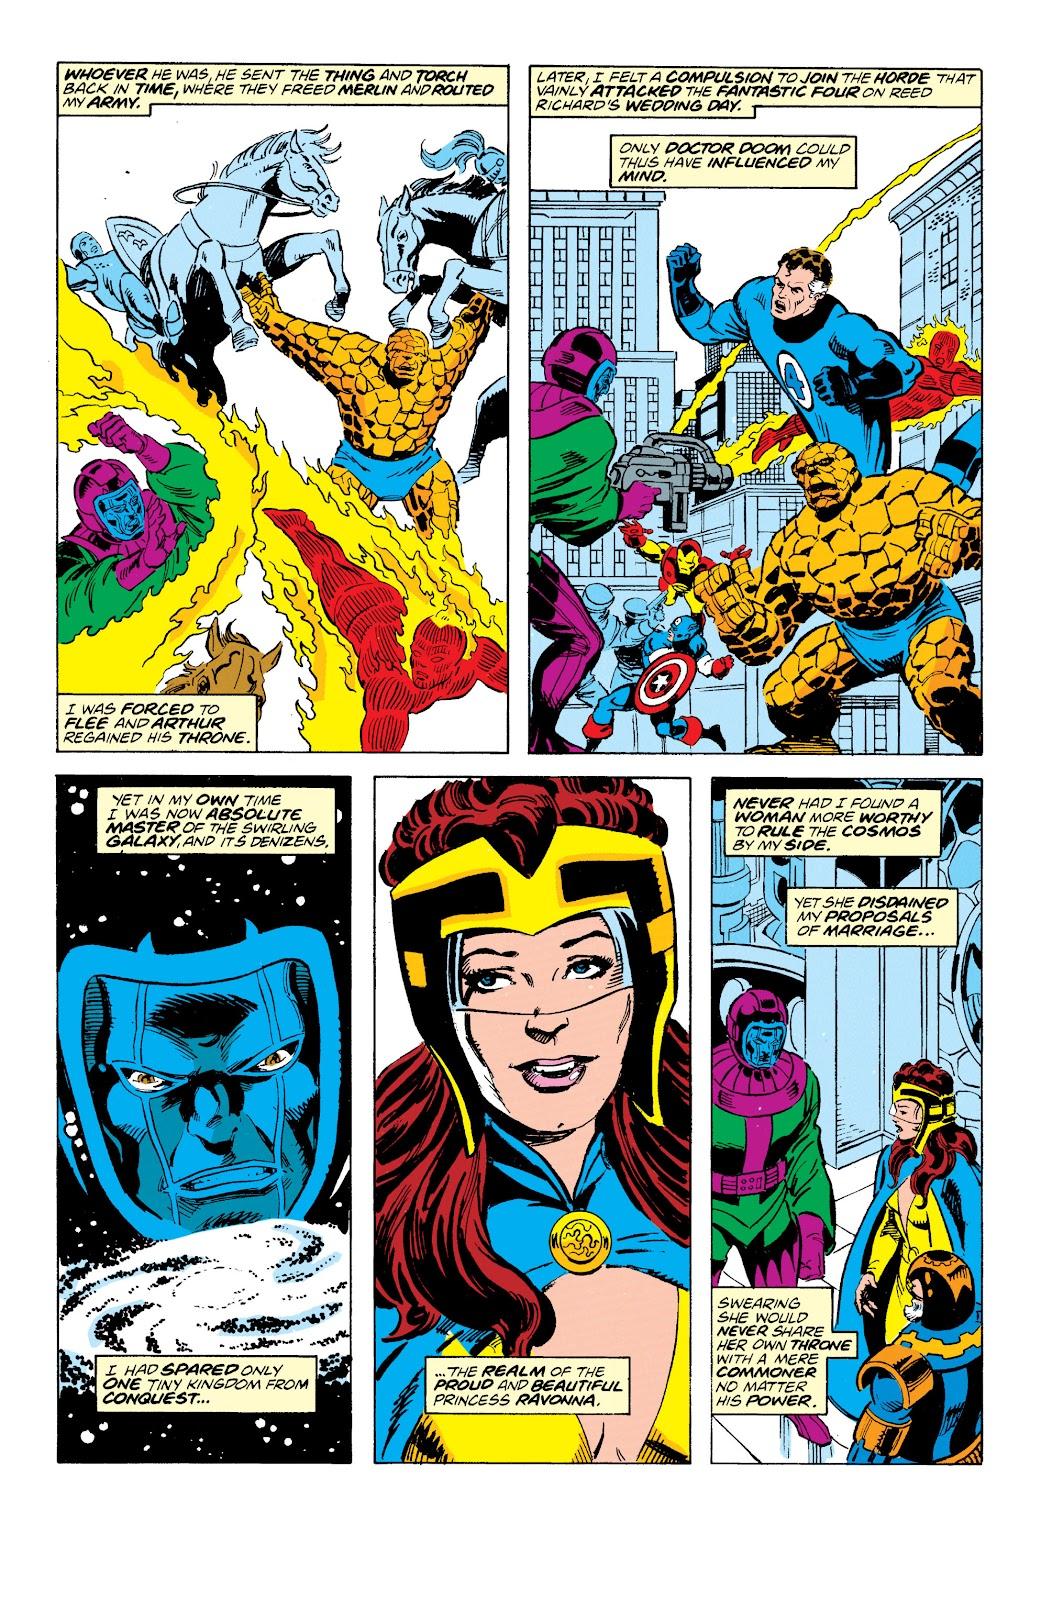 Read online Avengers: Citizen Kang comic -  Issue # TPB (Part 2) - 6